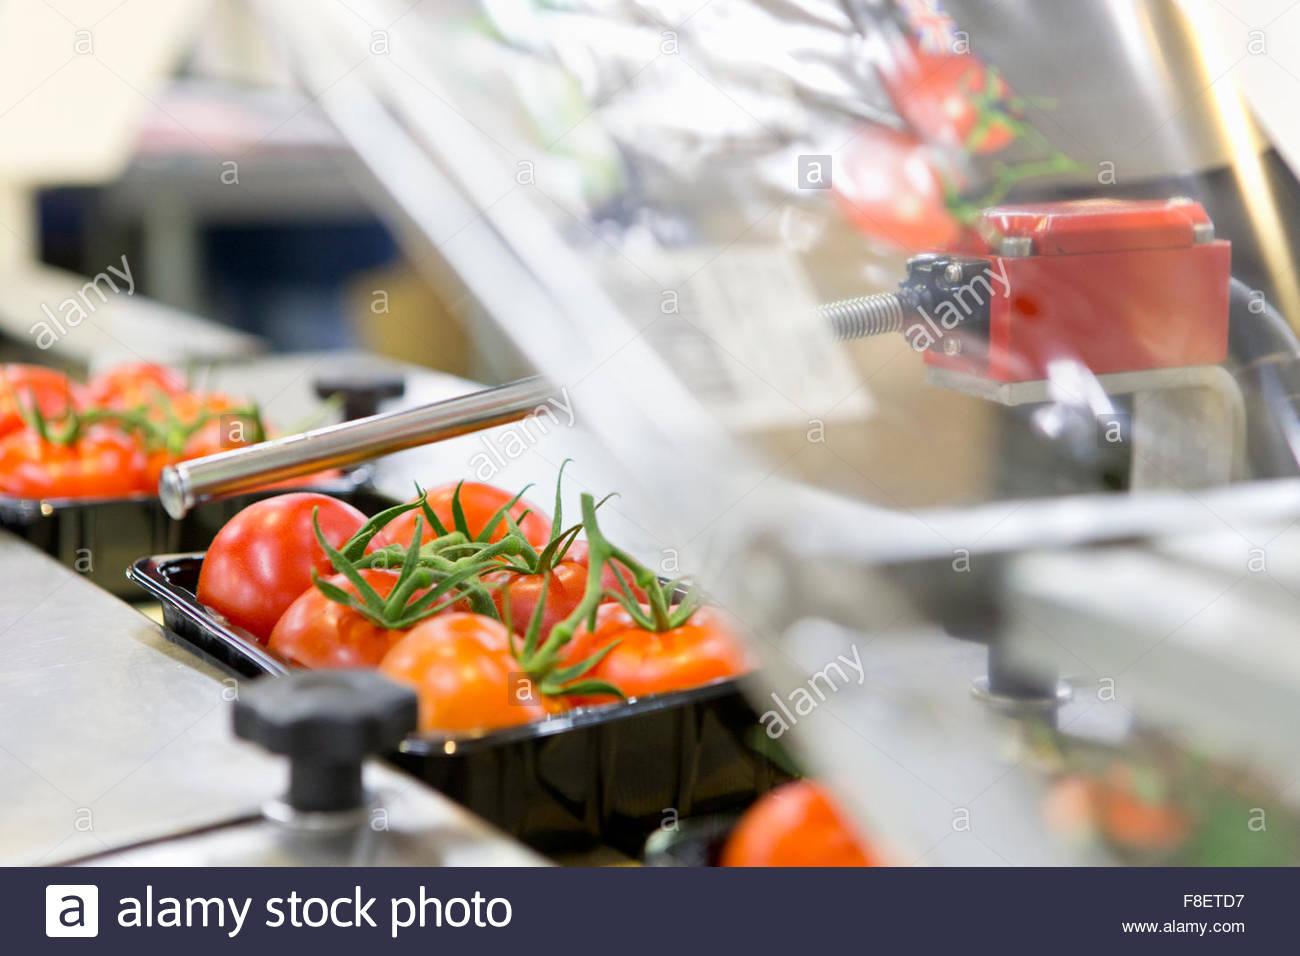 Pakete von reifen roten strauchtomaten auf Produktionslinie in Lebensmittel verarbeitenden Anlage Stockbild